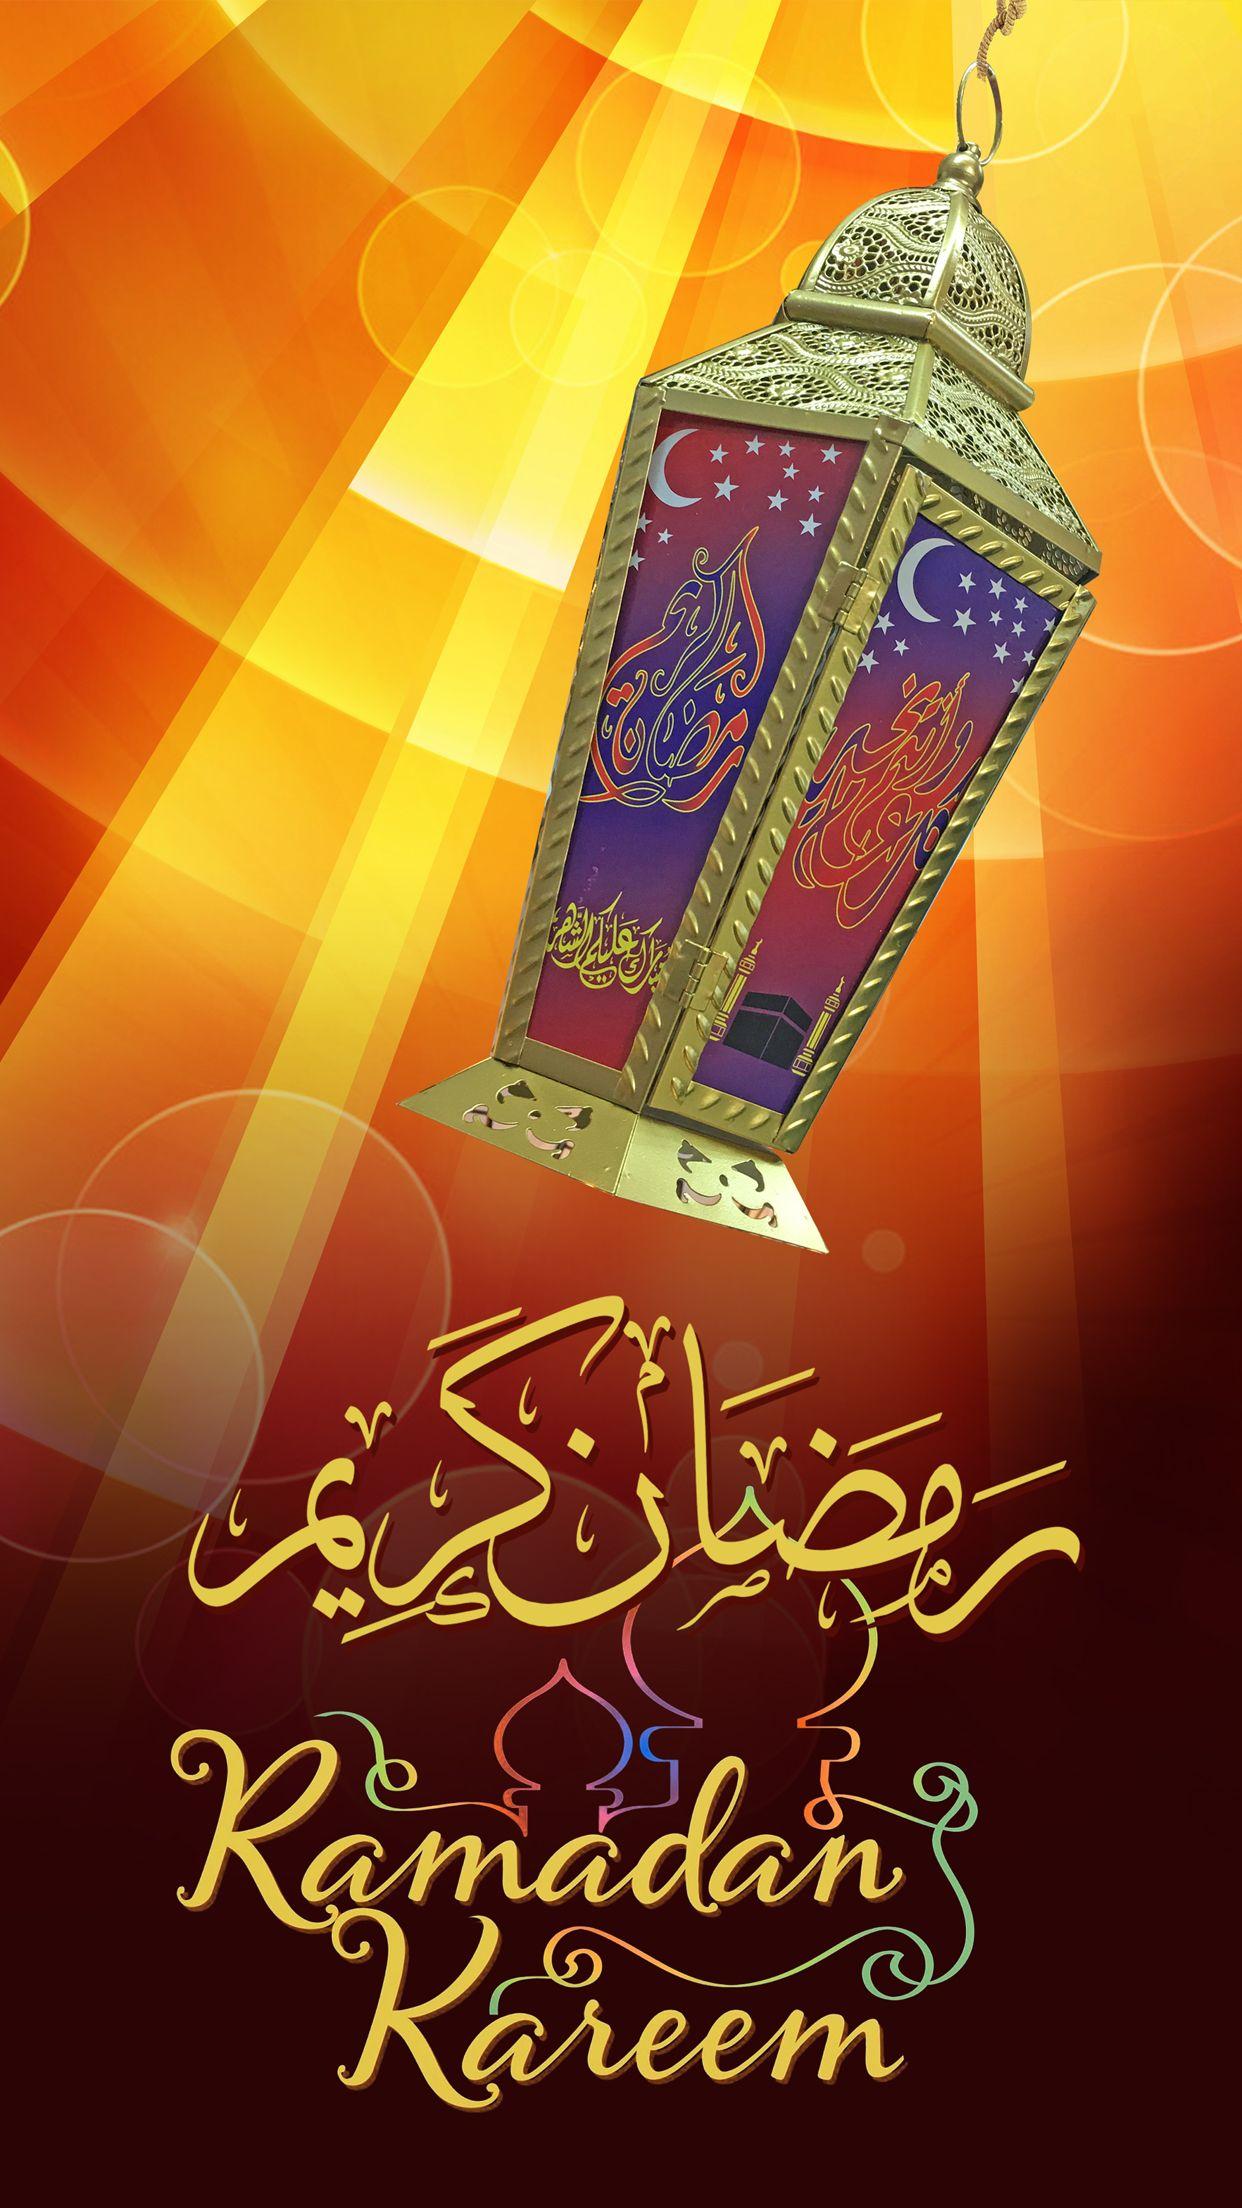 خلفيات اسلامية للموبايل Tecnologis Iphone Wallpaper Hd Original Wallpaper Android Wallpaper